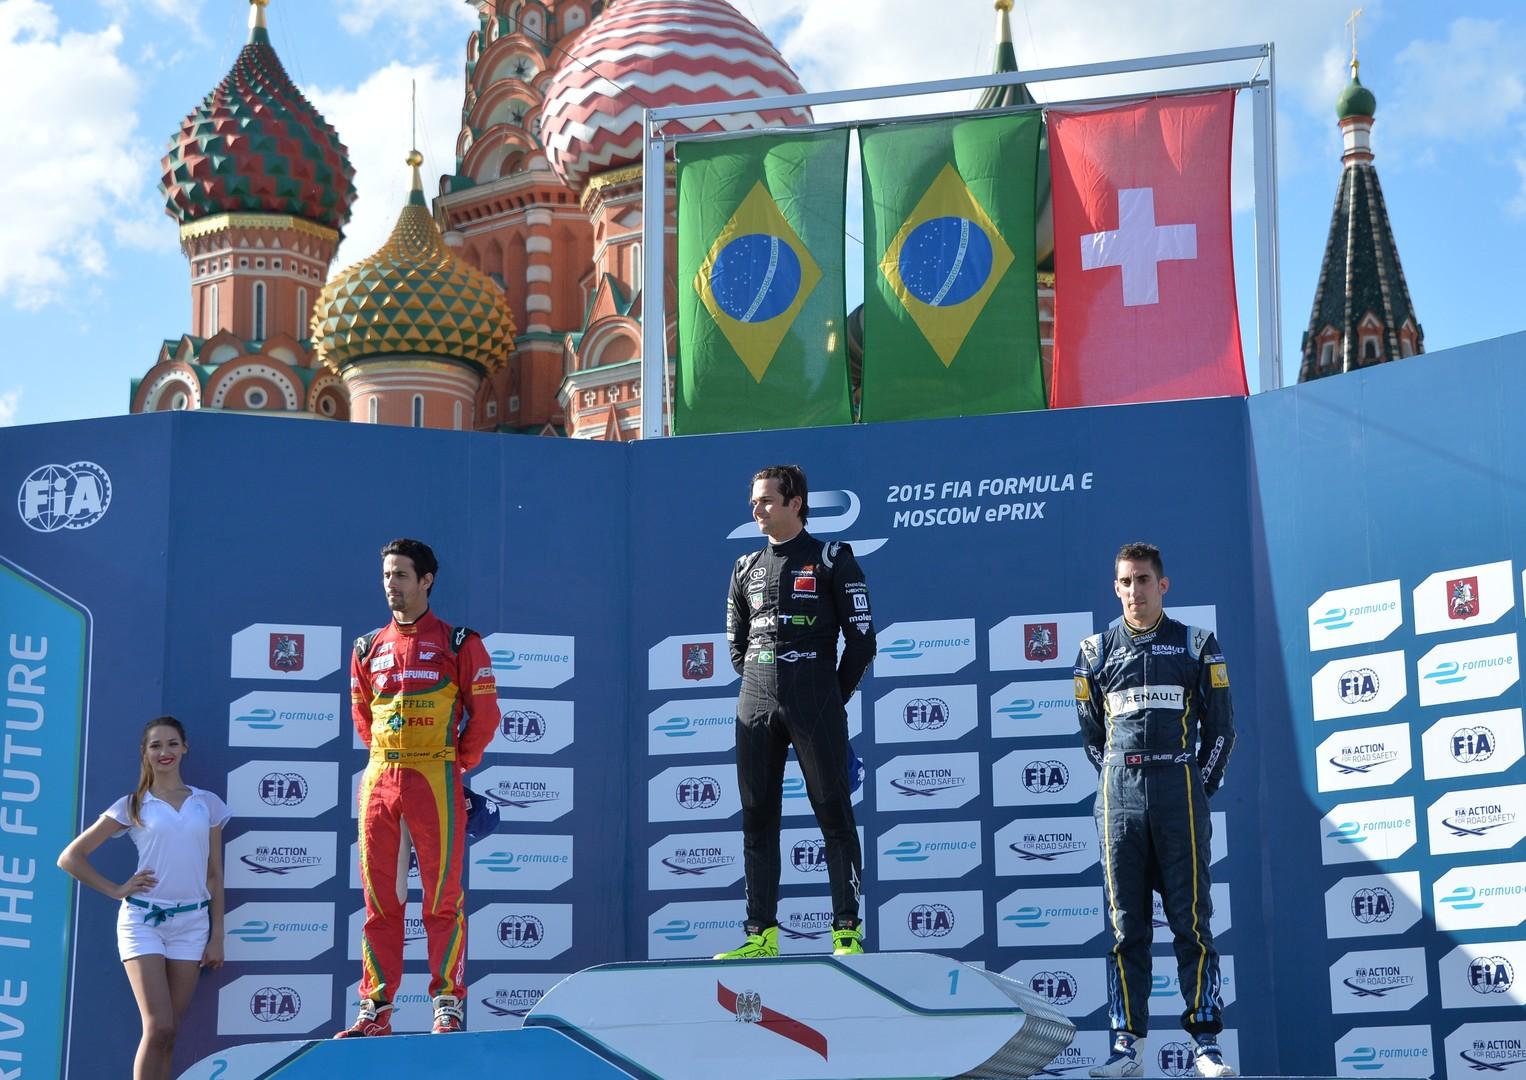 Passer au vert : les pilotes de Formule E circulent près du Kremlin à 250 km/h